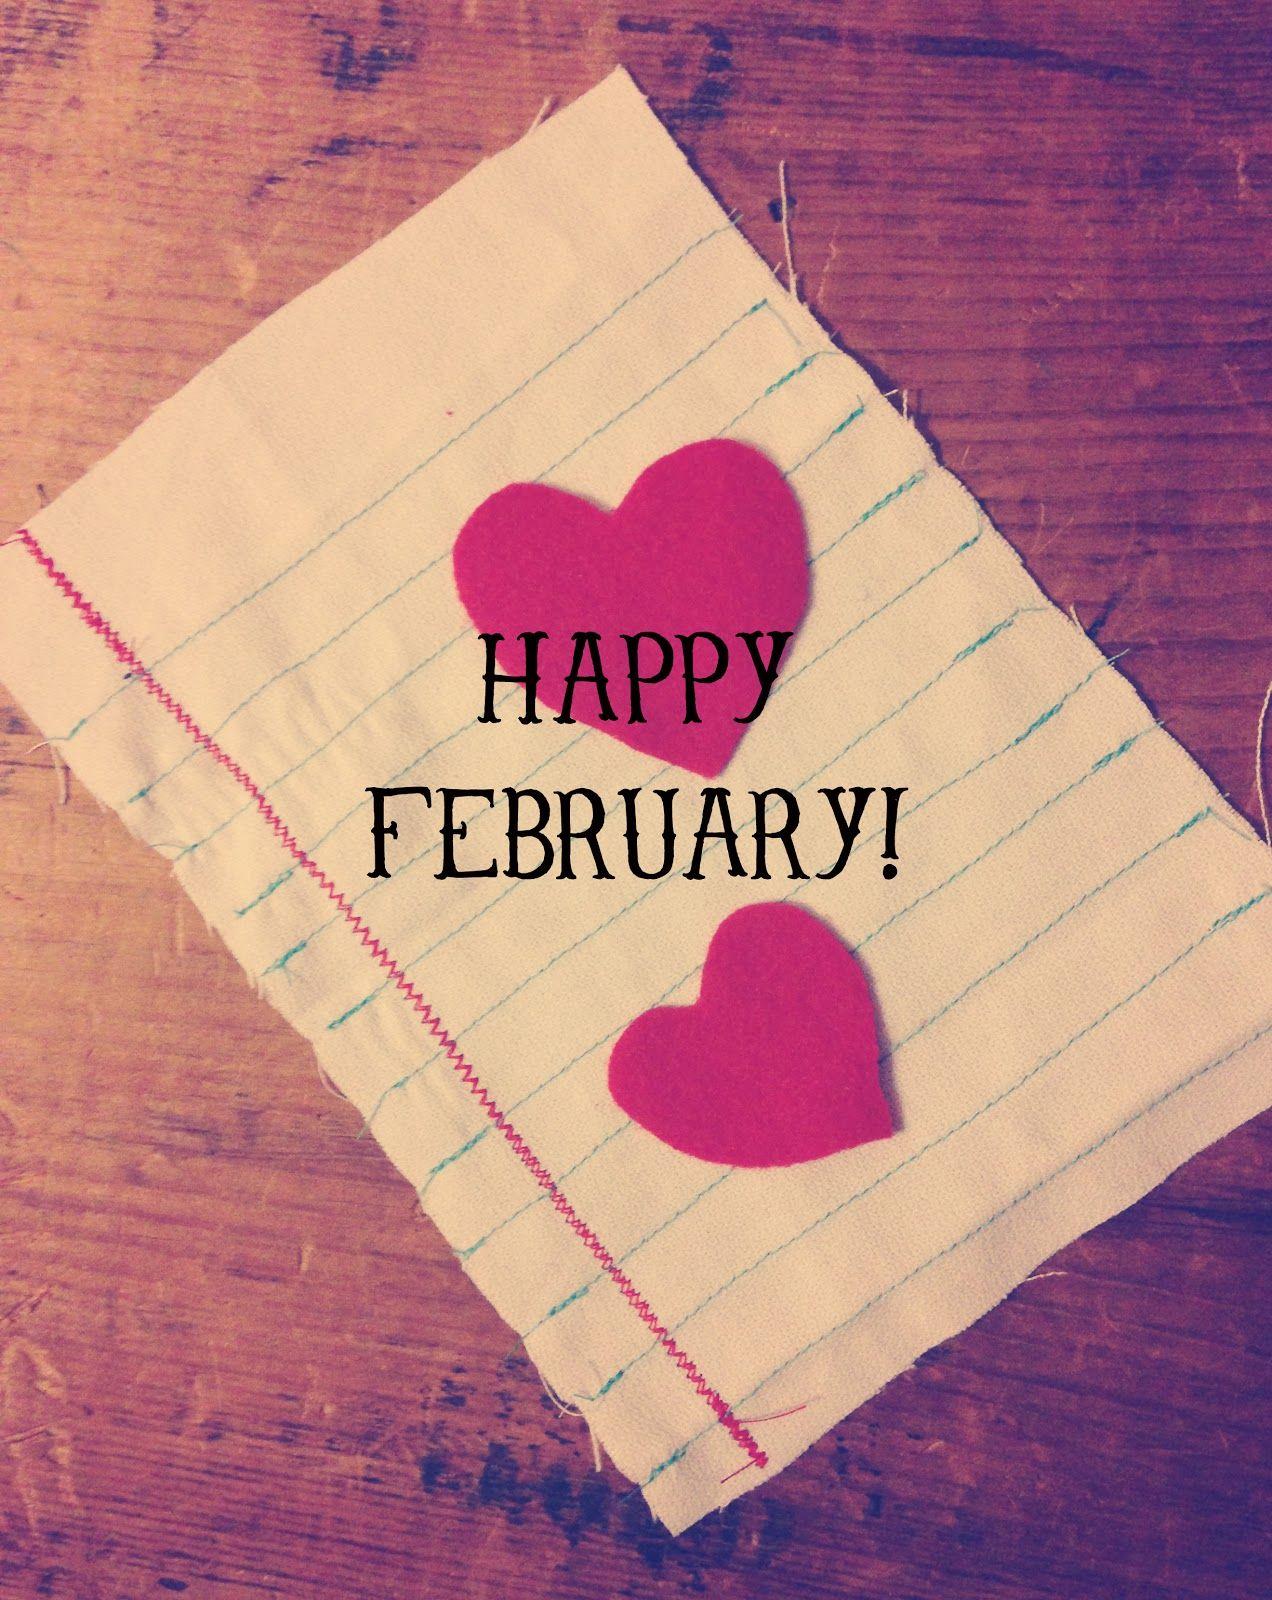 happy february! | Oh, Sweet Joy! | February quotes, January ...